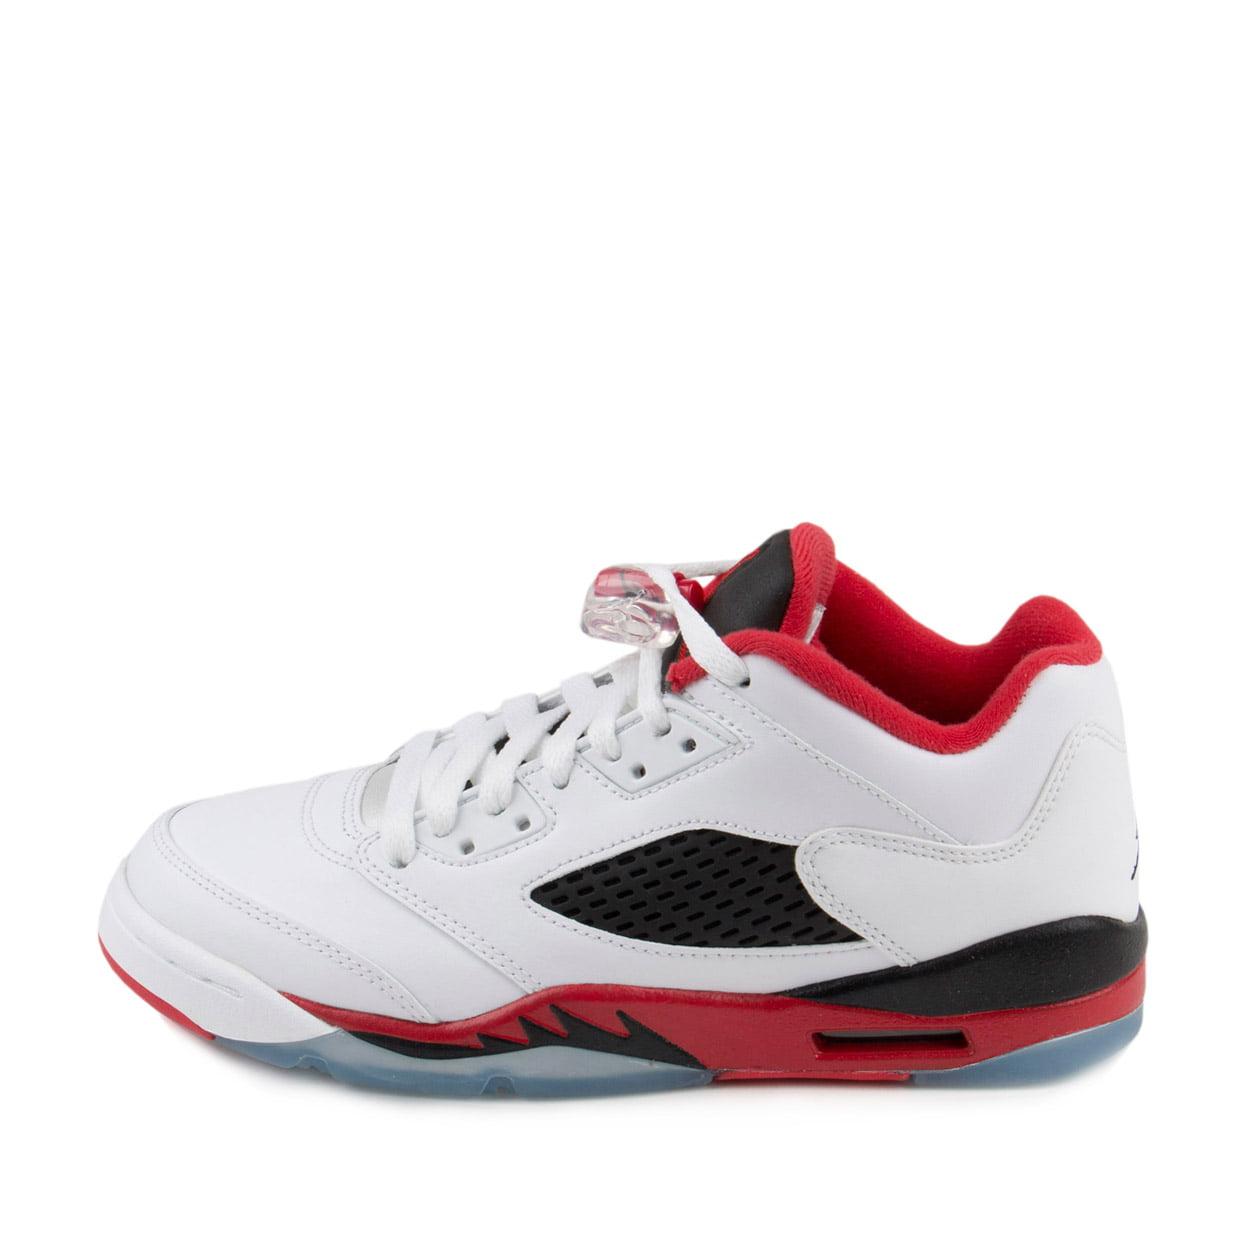 """314338 101 /""""Fire Red/"""" Men/'s Sneakers Brand New Air Jordan 5 Retro Low GS"""